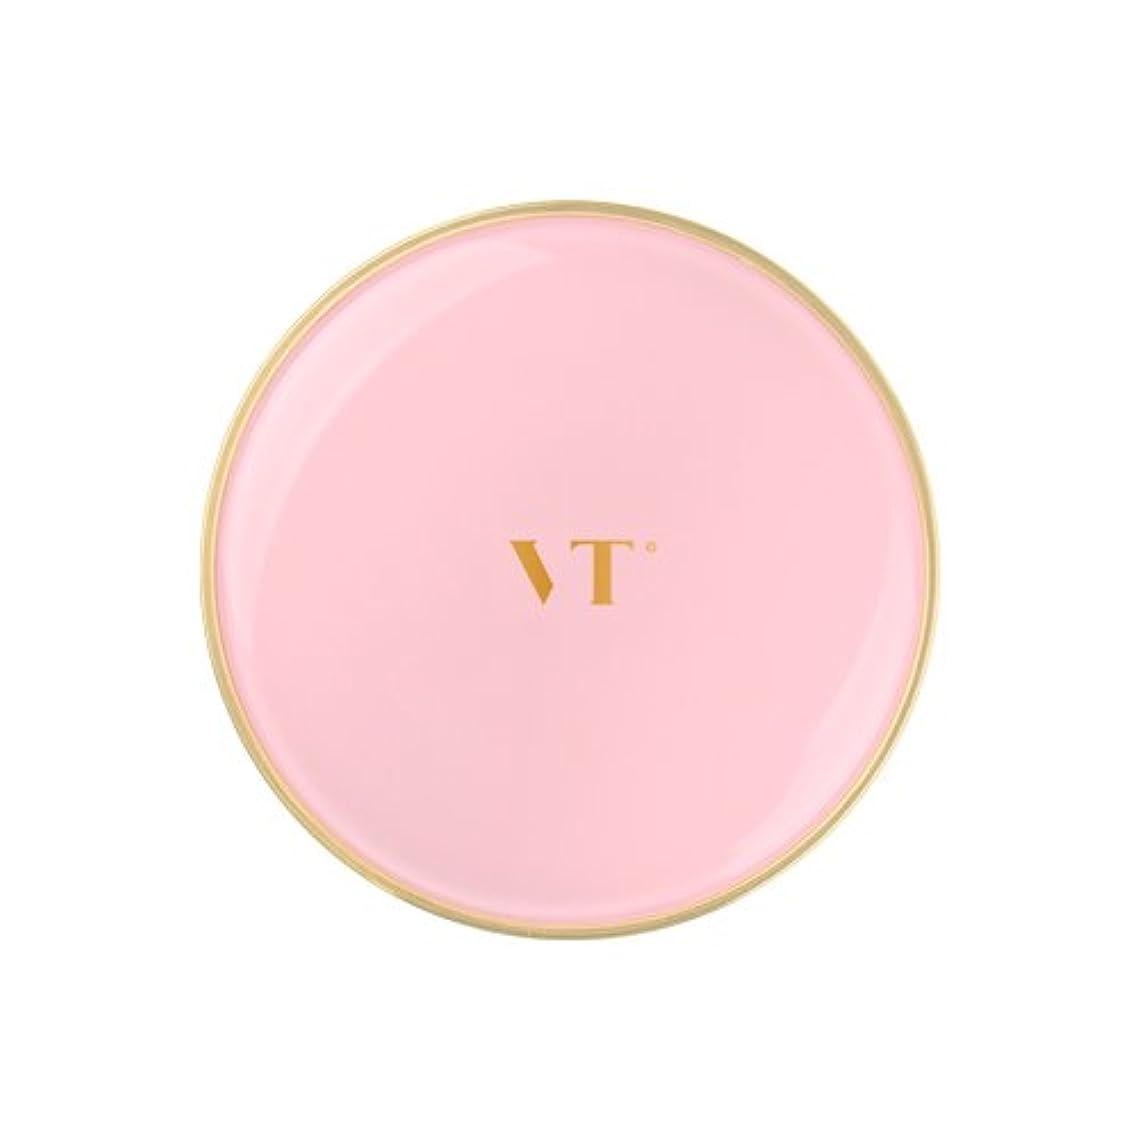 剥ぎ取るベアリングサークル貴重なVT Collagen Pact 11g/ブイティー コラーゲン パクト 11g (#21) [並行輸入品]